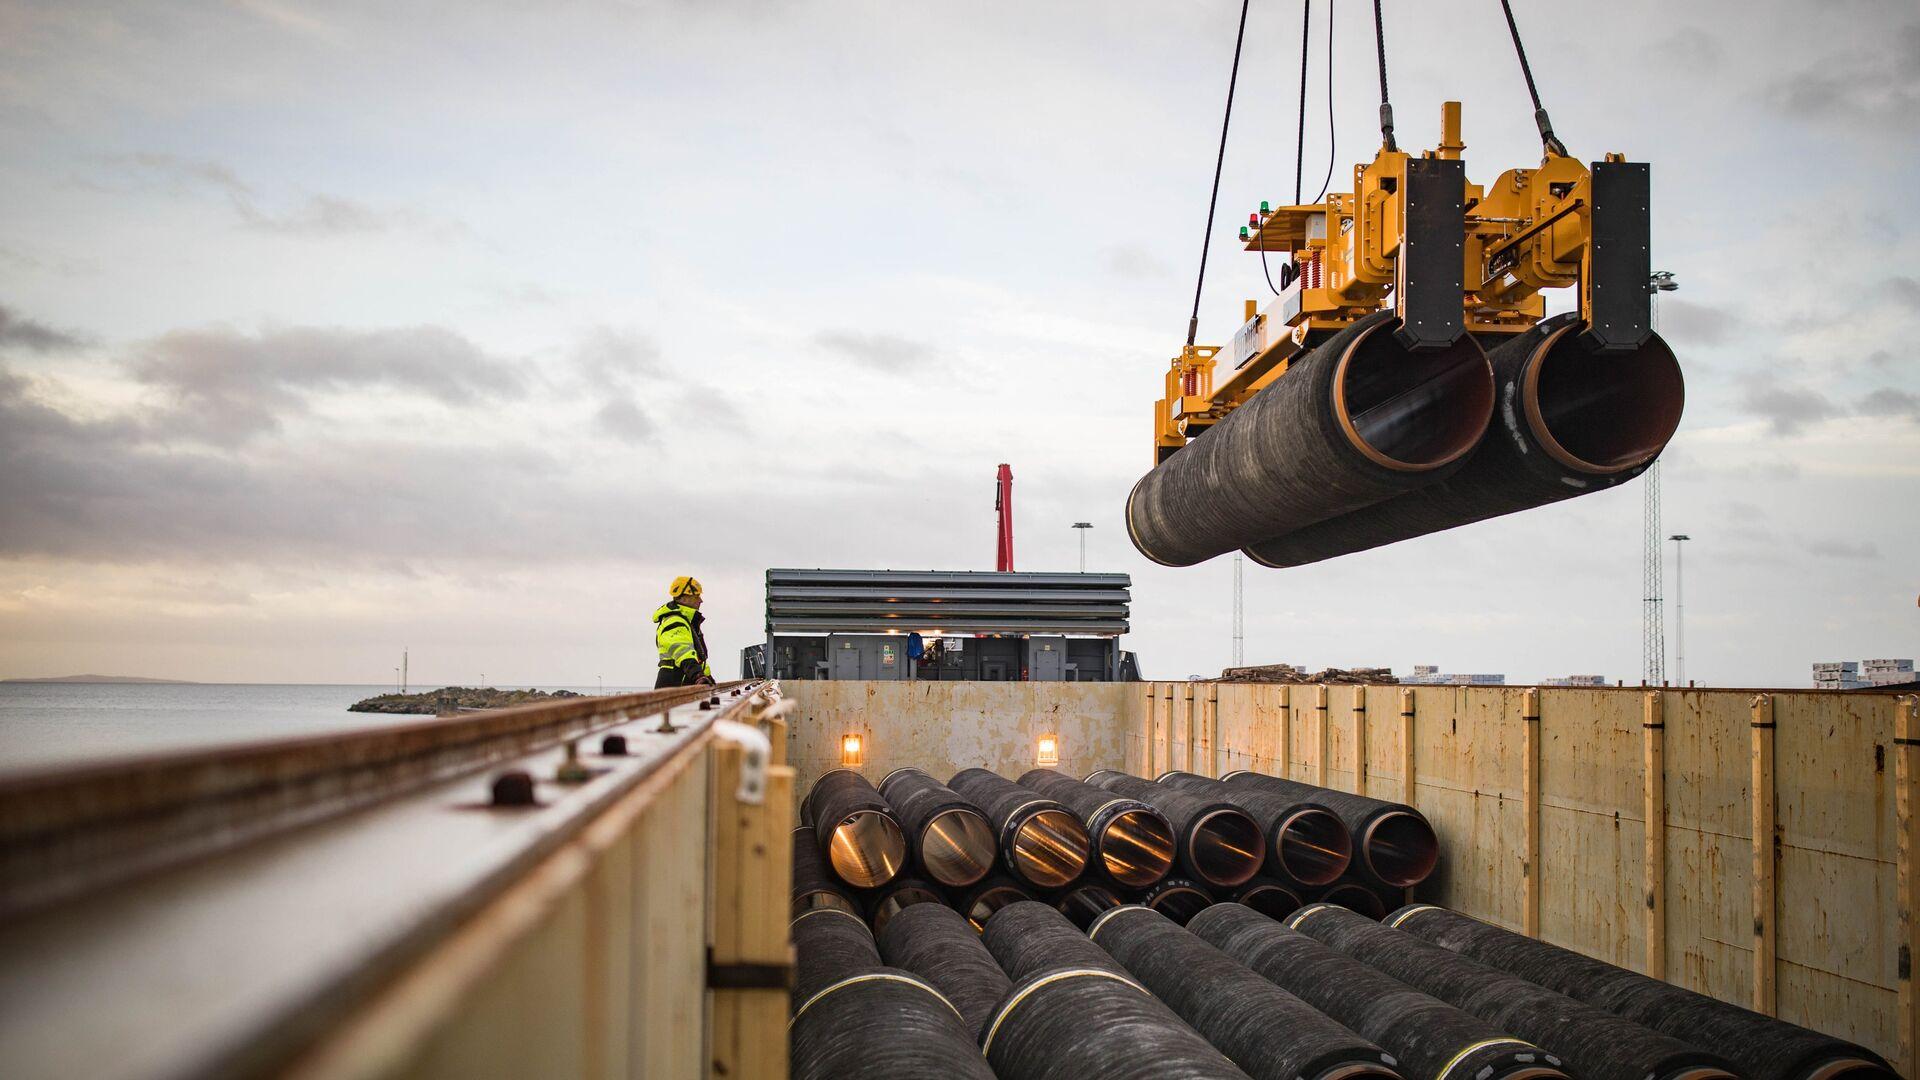 Трубы для строительства газопровода Северный поток — 2 в порту Мукран, Германия - РИА Новости, 1920, 22.07.2021